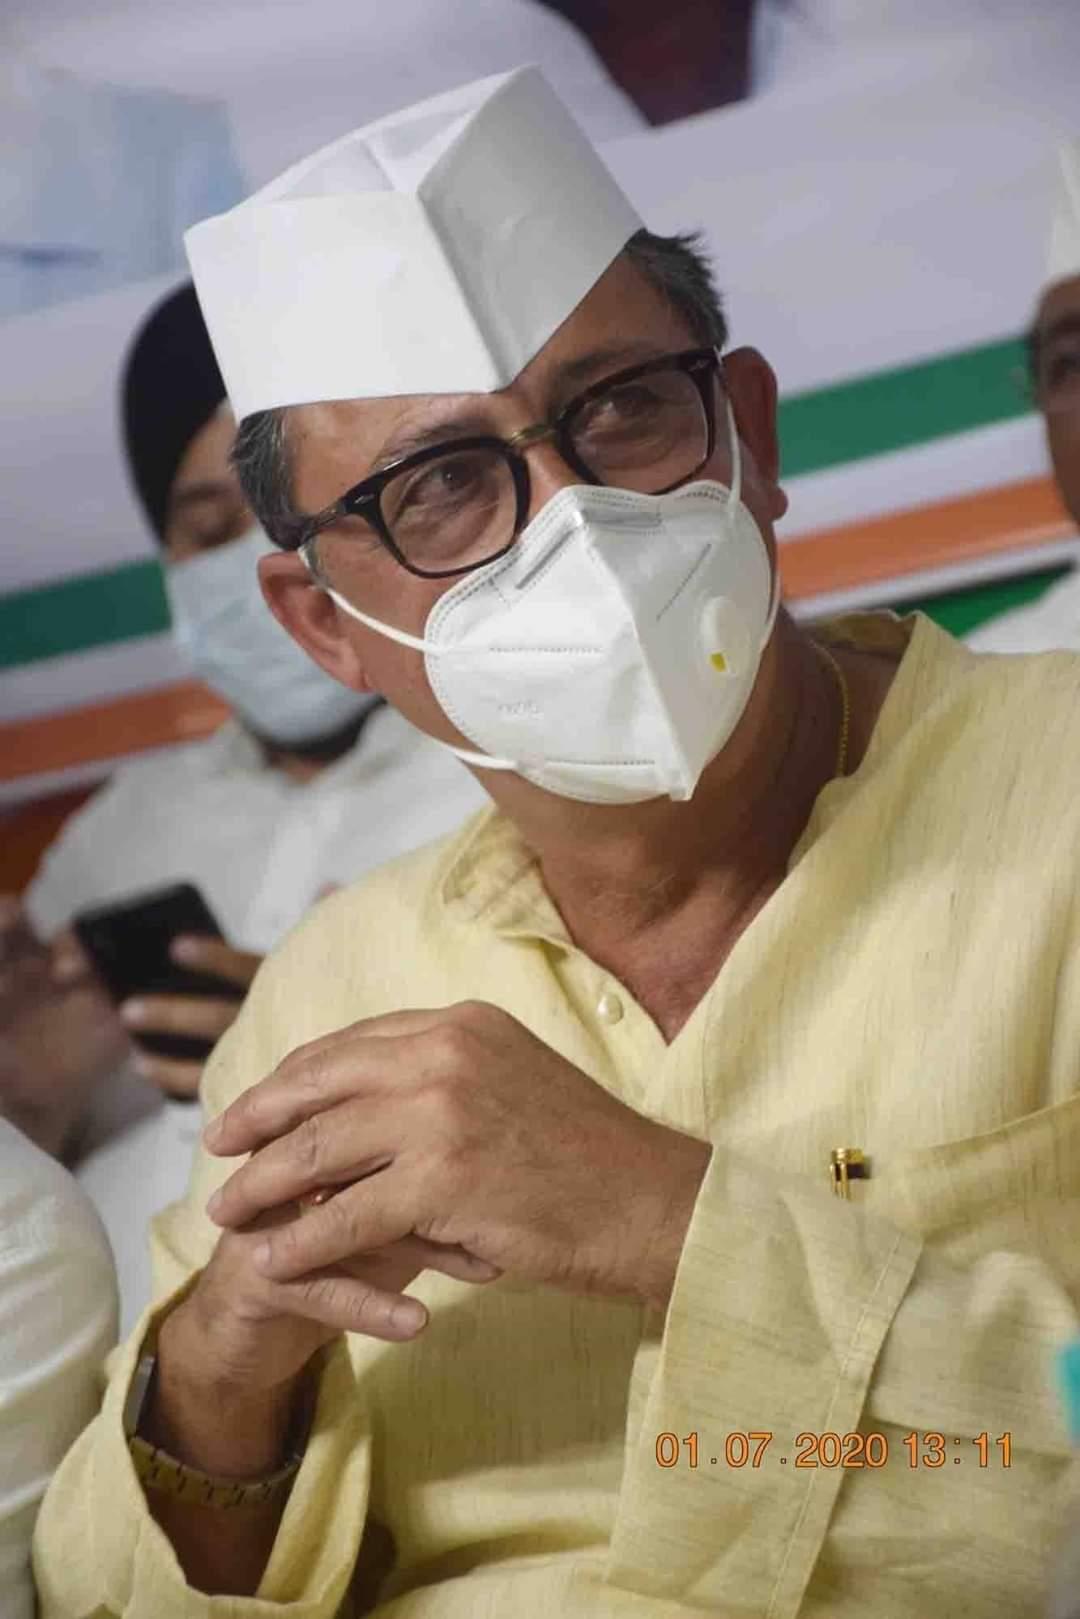 विभाग वितरण में टाइगर की हालत भीगी बिल्ली के समान – पूर्व नेता प्रतिपक्ष अजयसिंह